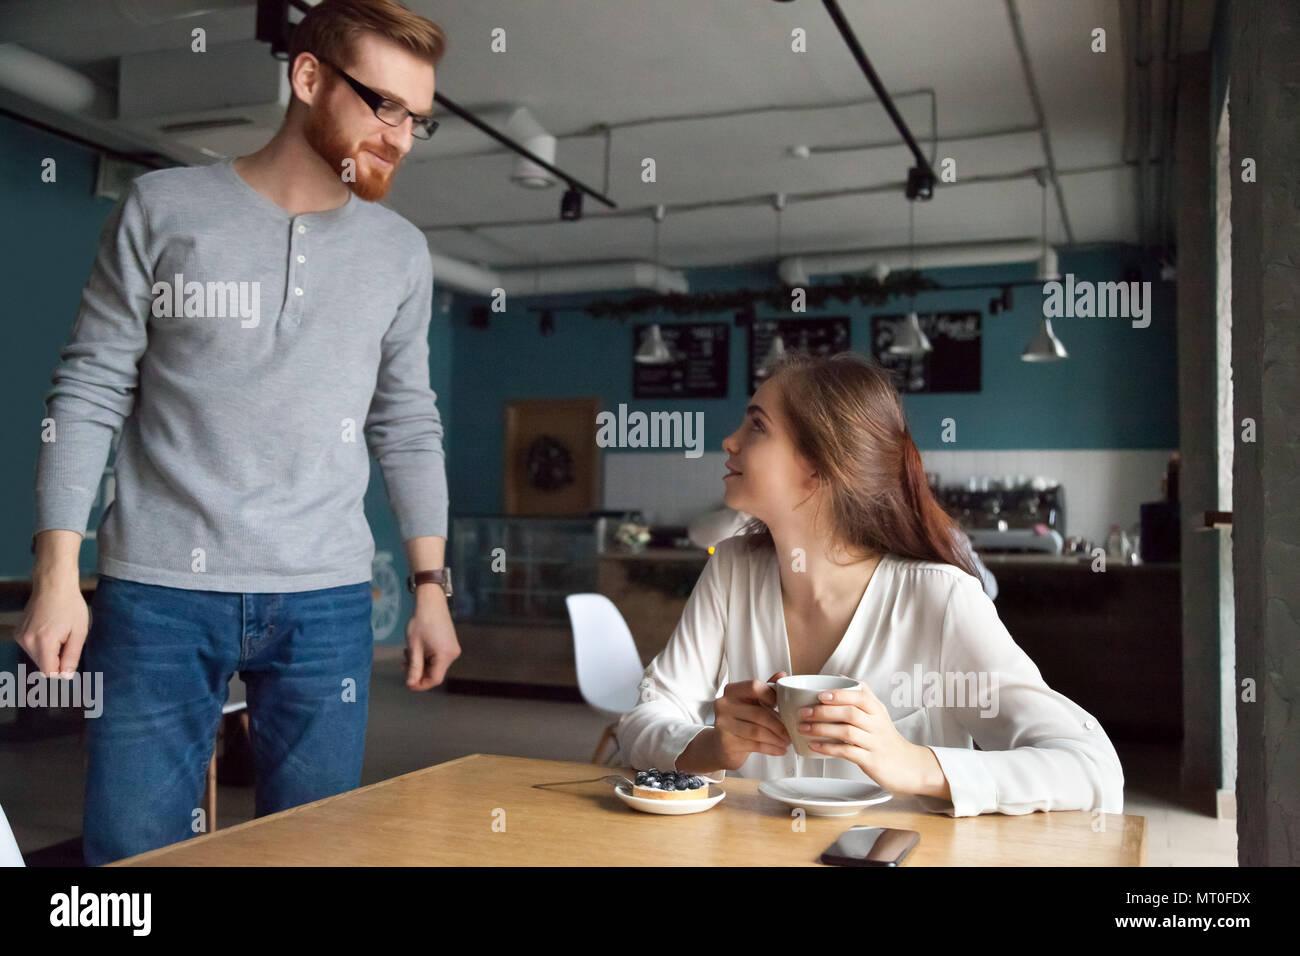 Hombre viniendo a la mesita de café que familiarizarse con bella mujer Imagen De Stock